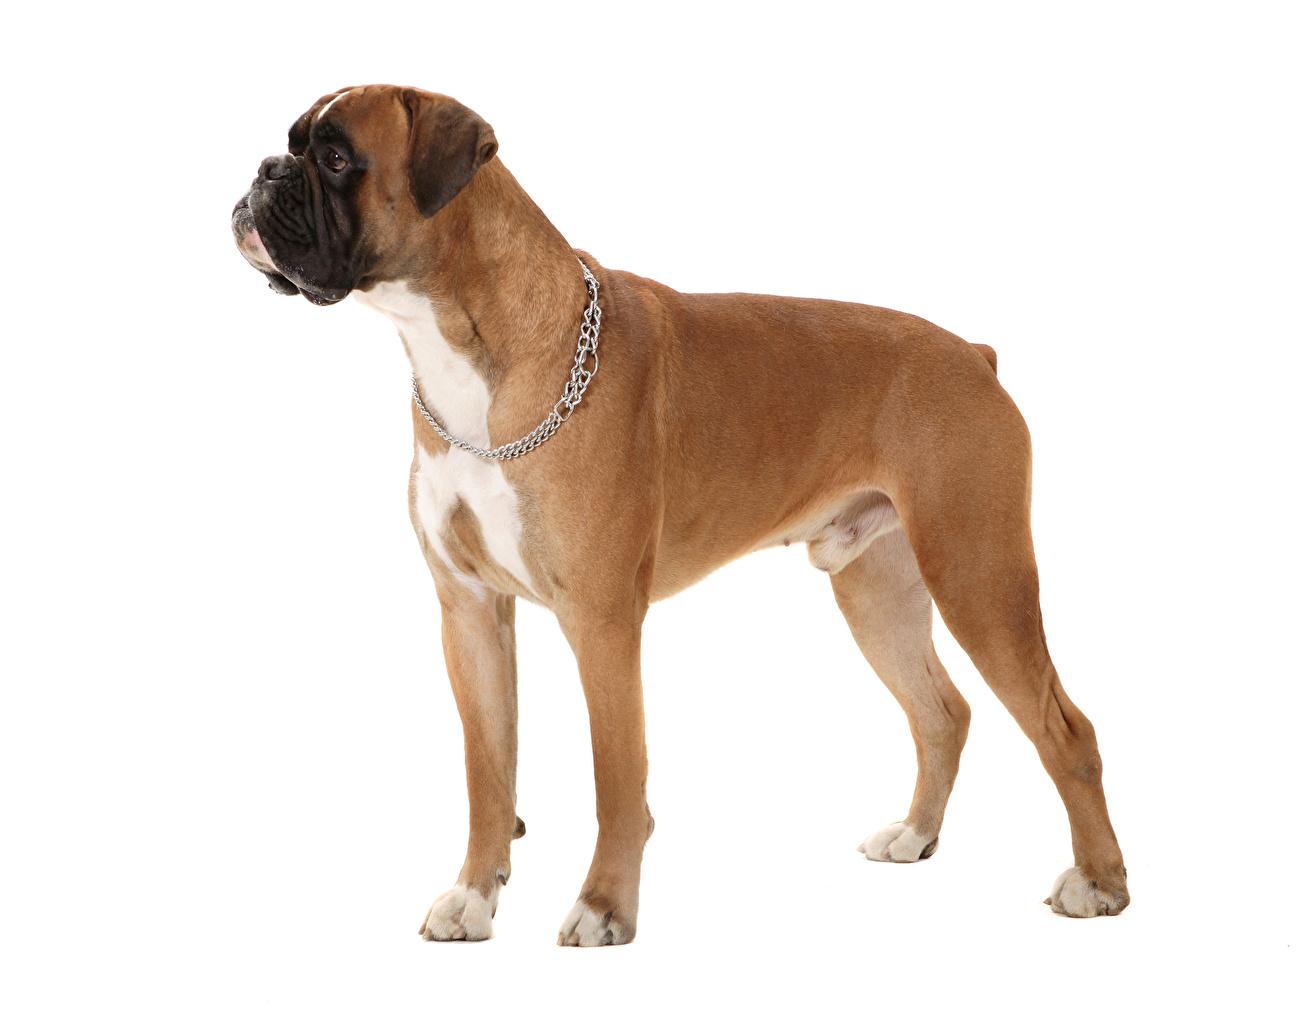 Фотографии Боксер собака Животные Белый фон боксера Собаки животное белом фоне белым фоном